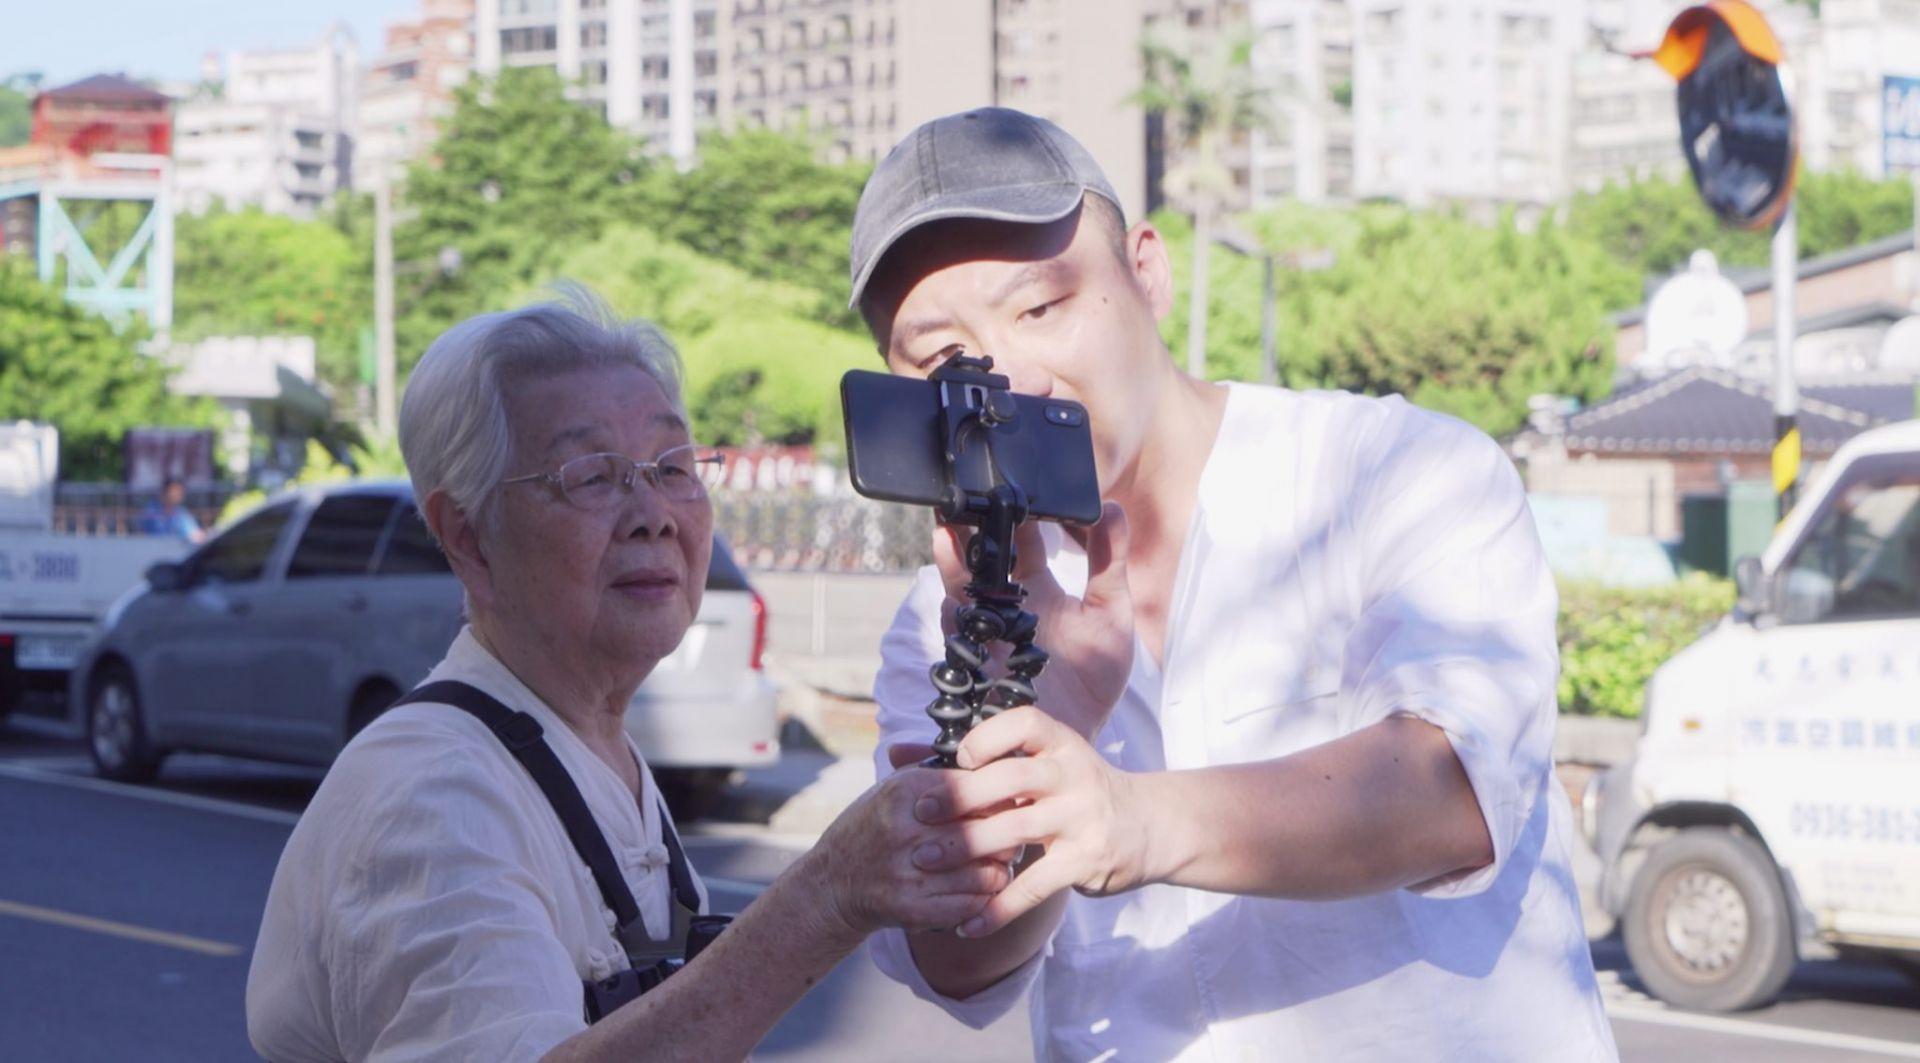 擁有22萬粉絲,84歲老奶奶「邢黃滿金」意外成為youtuber,爆紅背後藏著一段感人祖孫情